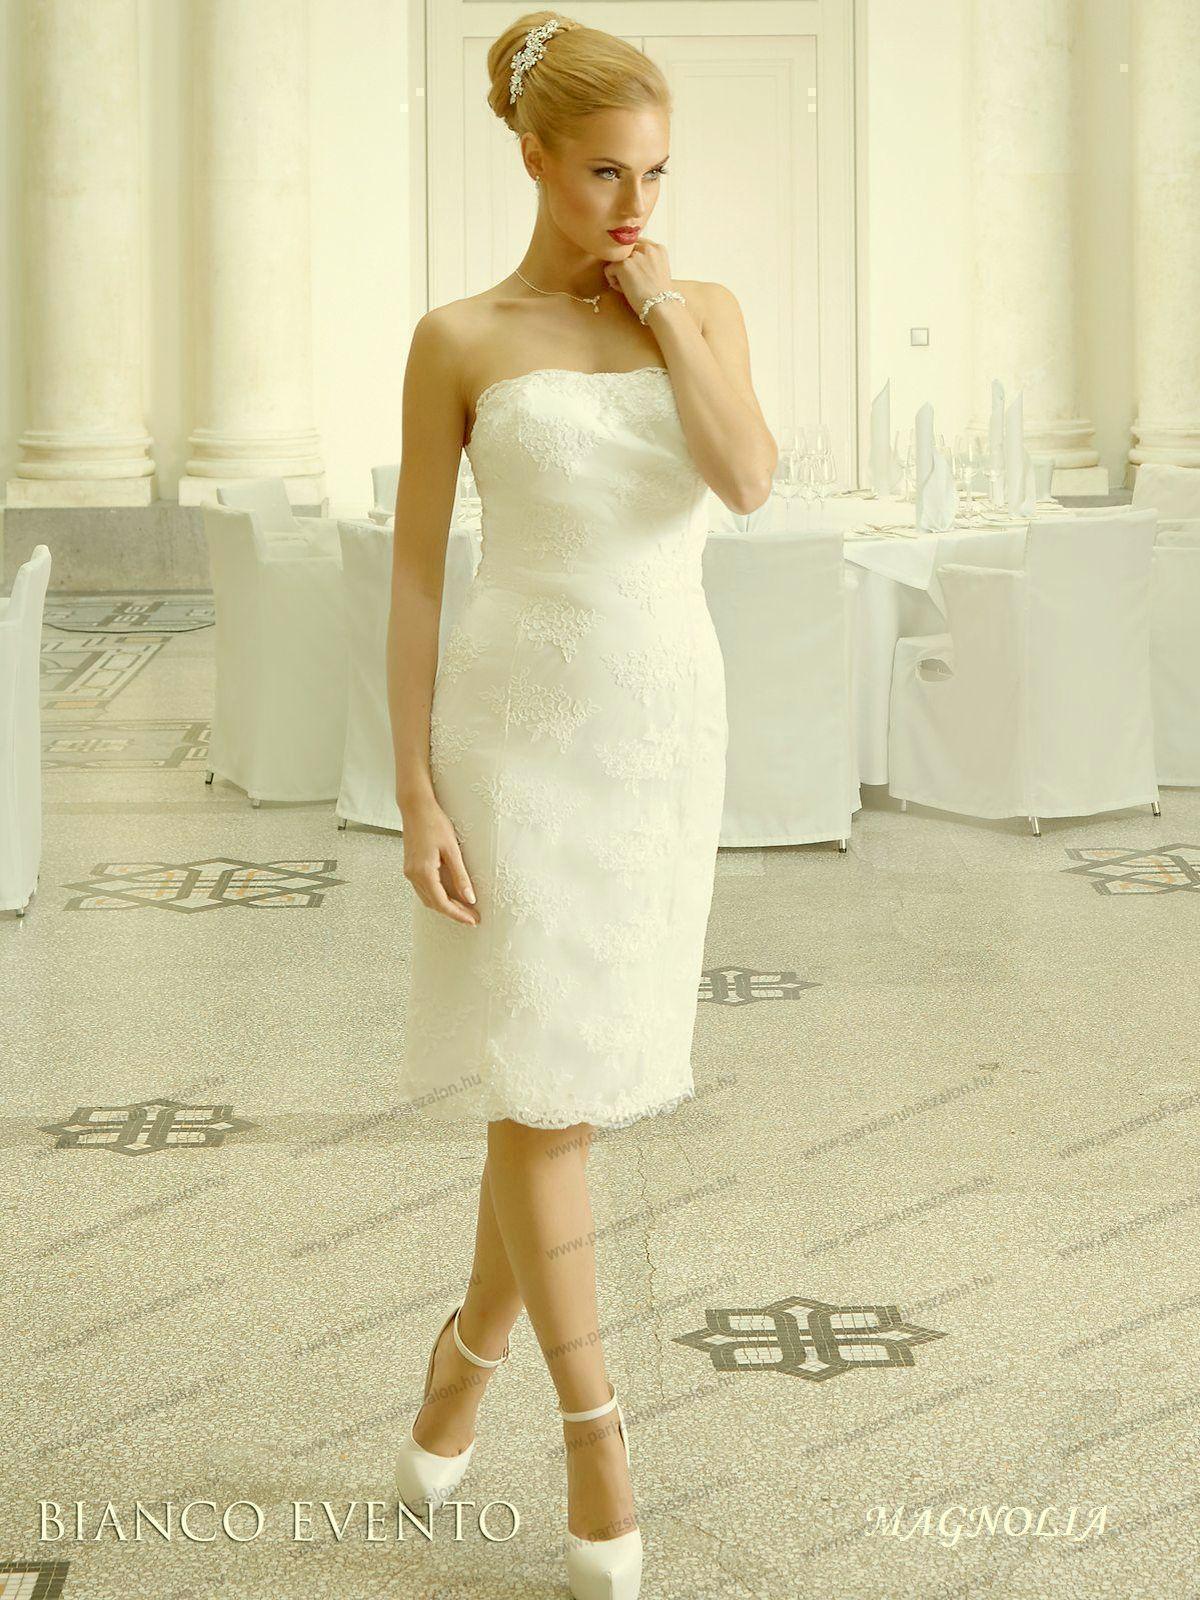 fc945d05b6 Magnolia rövid esküvői ruha   BIANCO EVENTO német hosszú, és rövid menyasszonyi  ruhák. (cikkszám: 17-es Magnolia Magnolia rövid esküvői ruha)